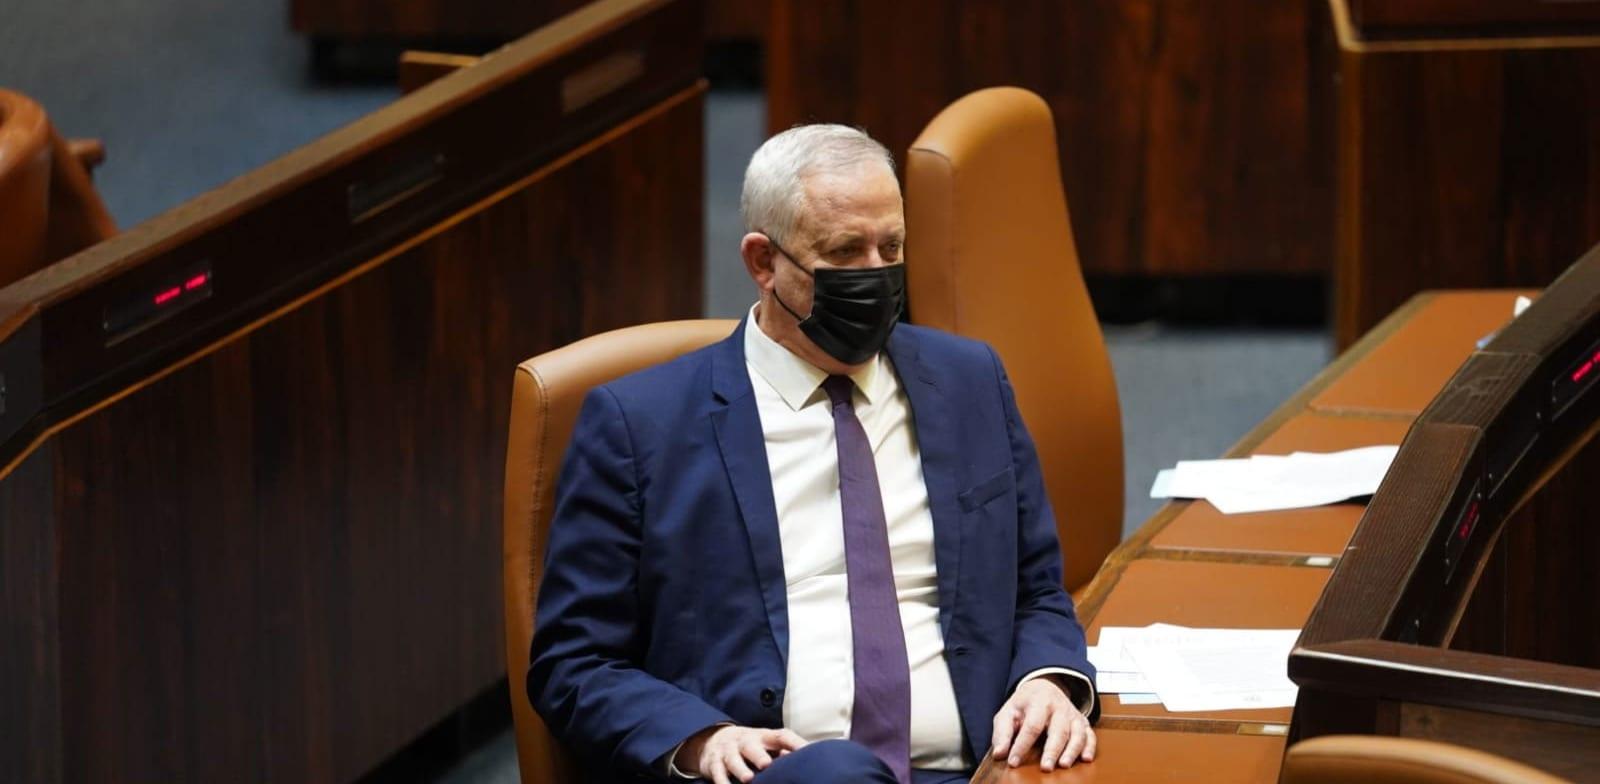 שר הביטחון בני גנץ / צילום: דני שם טוב דוברות הכנסת